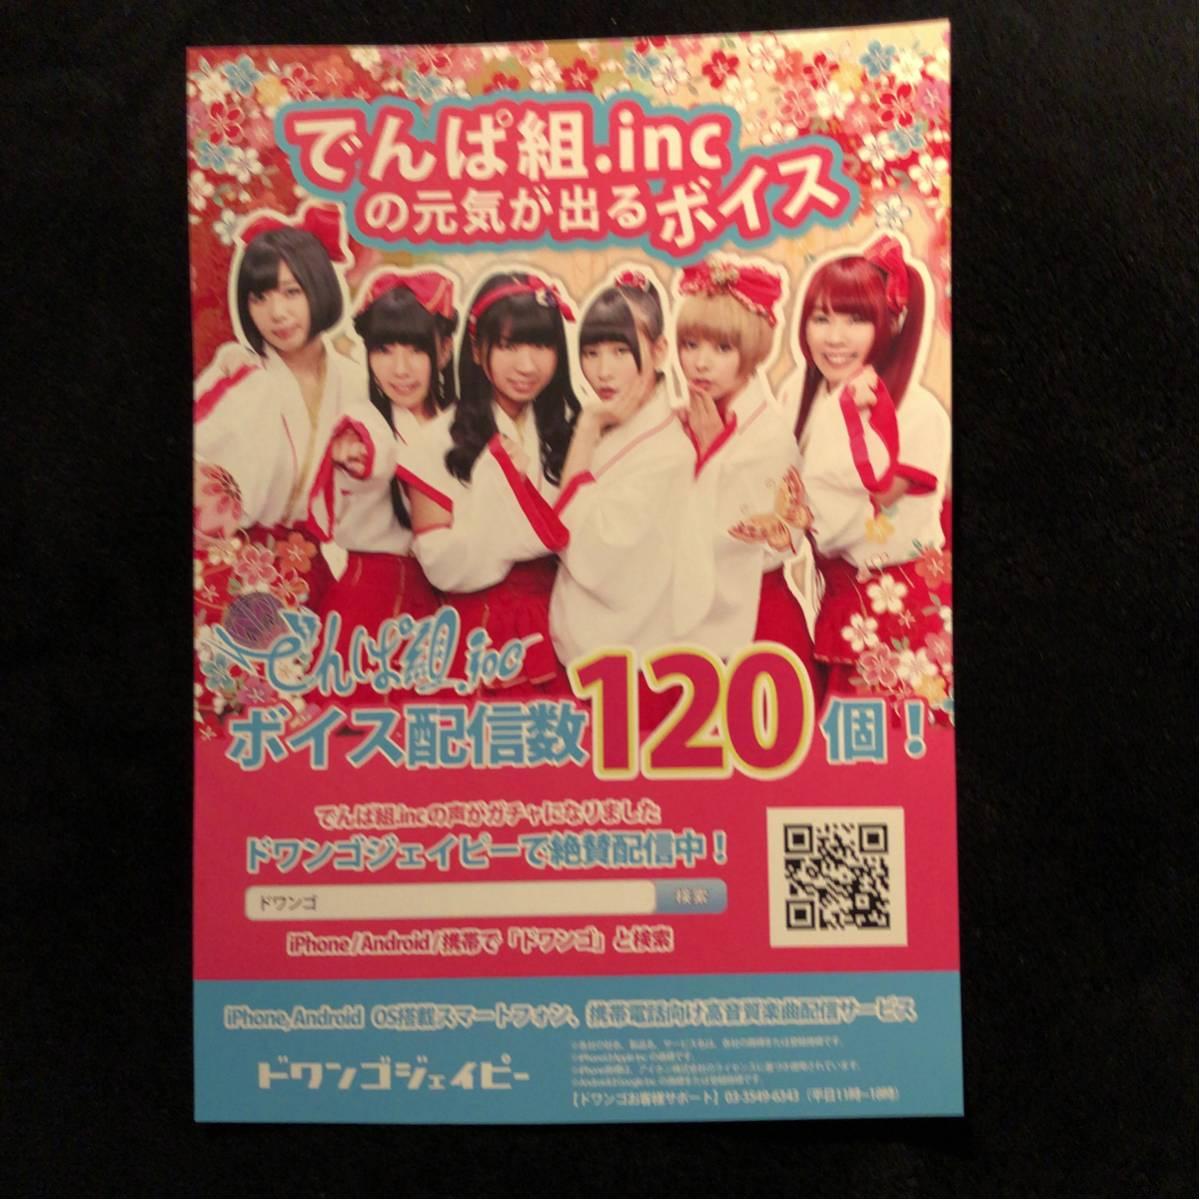 ボイス広告チラシ★でんぱ組.inc の元気が出るボイス